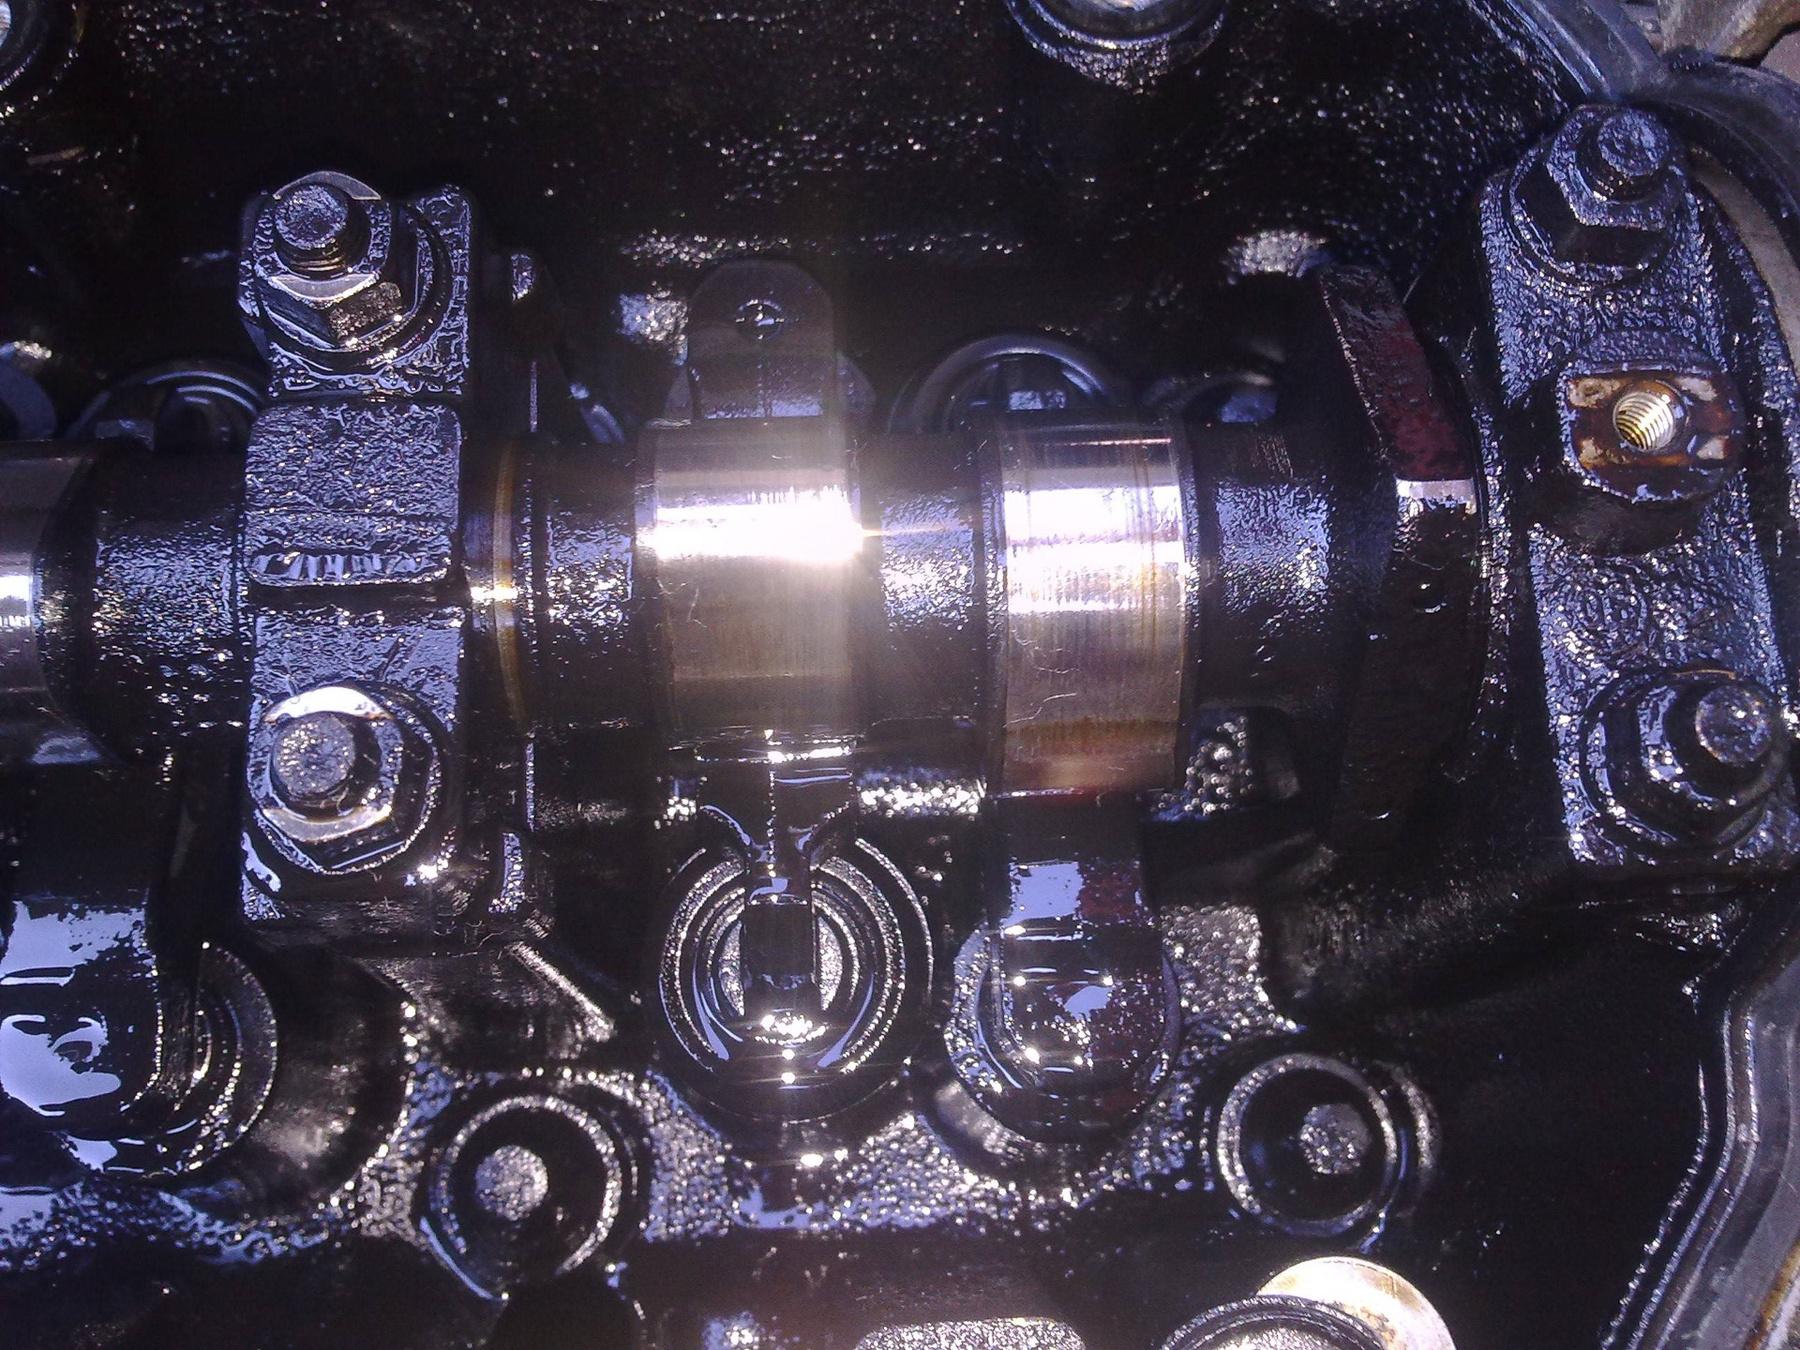 Jellemző kép a vezérműtengely környékéről a nem megfelelő vagy túlhordott olaj miatt képződő lerakódások